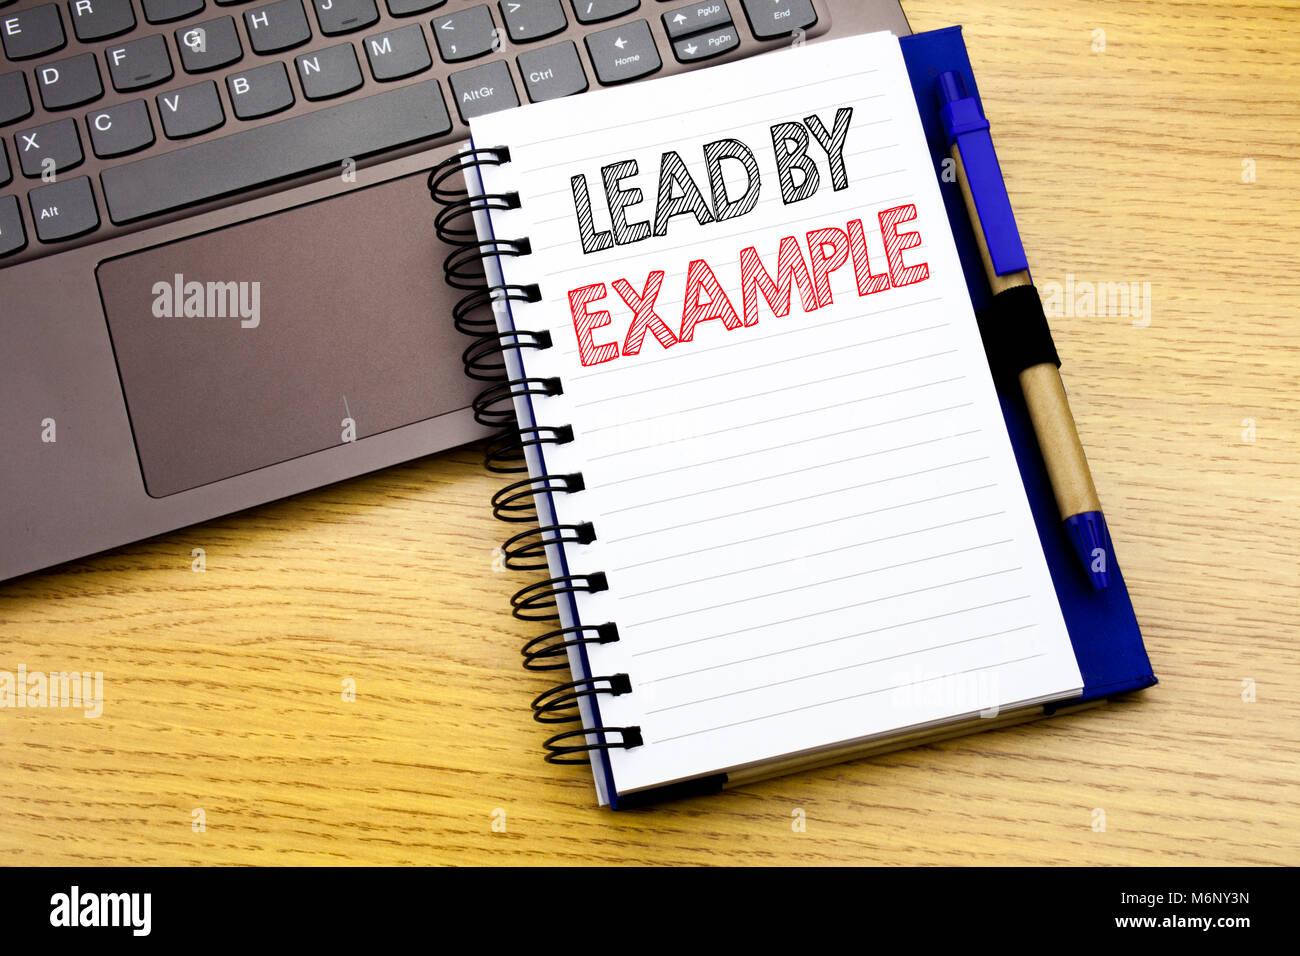 Schreiben Text Angezeigt Durch Beispiel Fuhren Business Konzept Fur